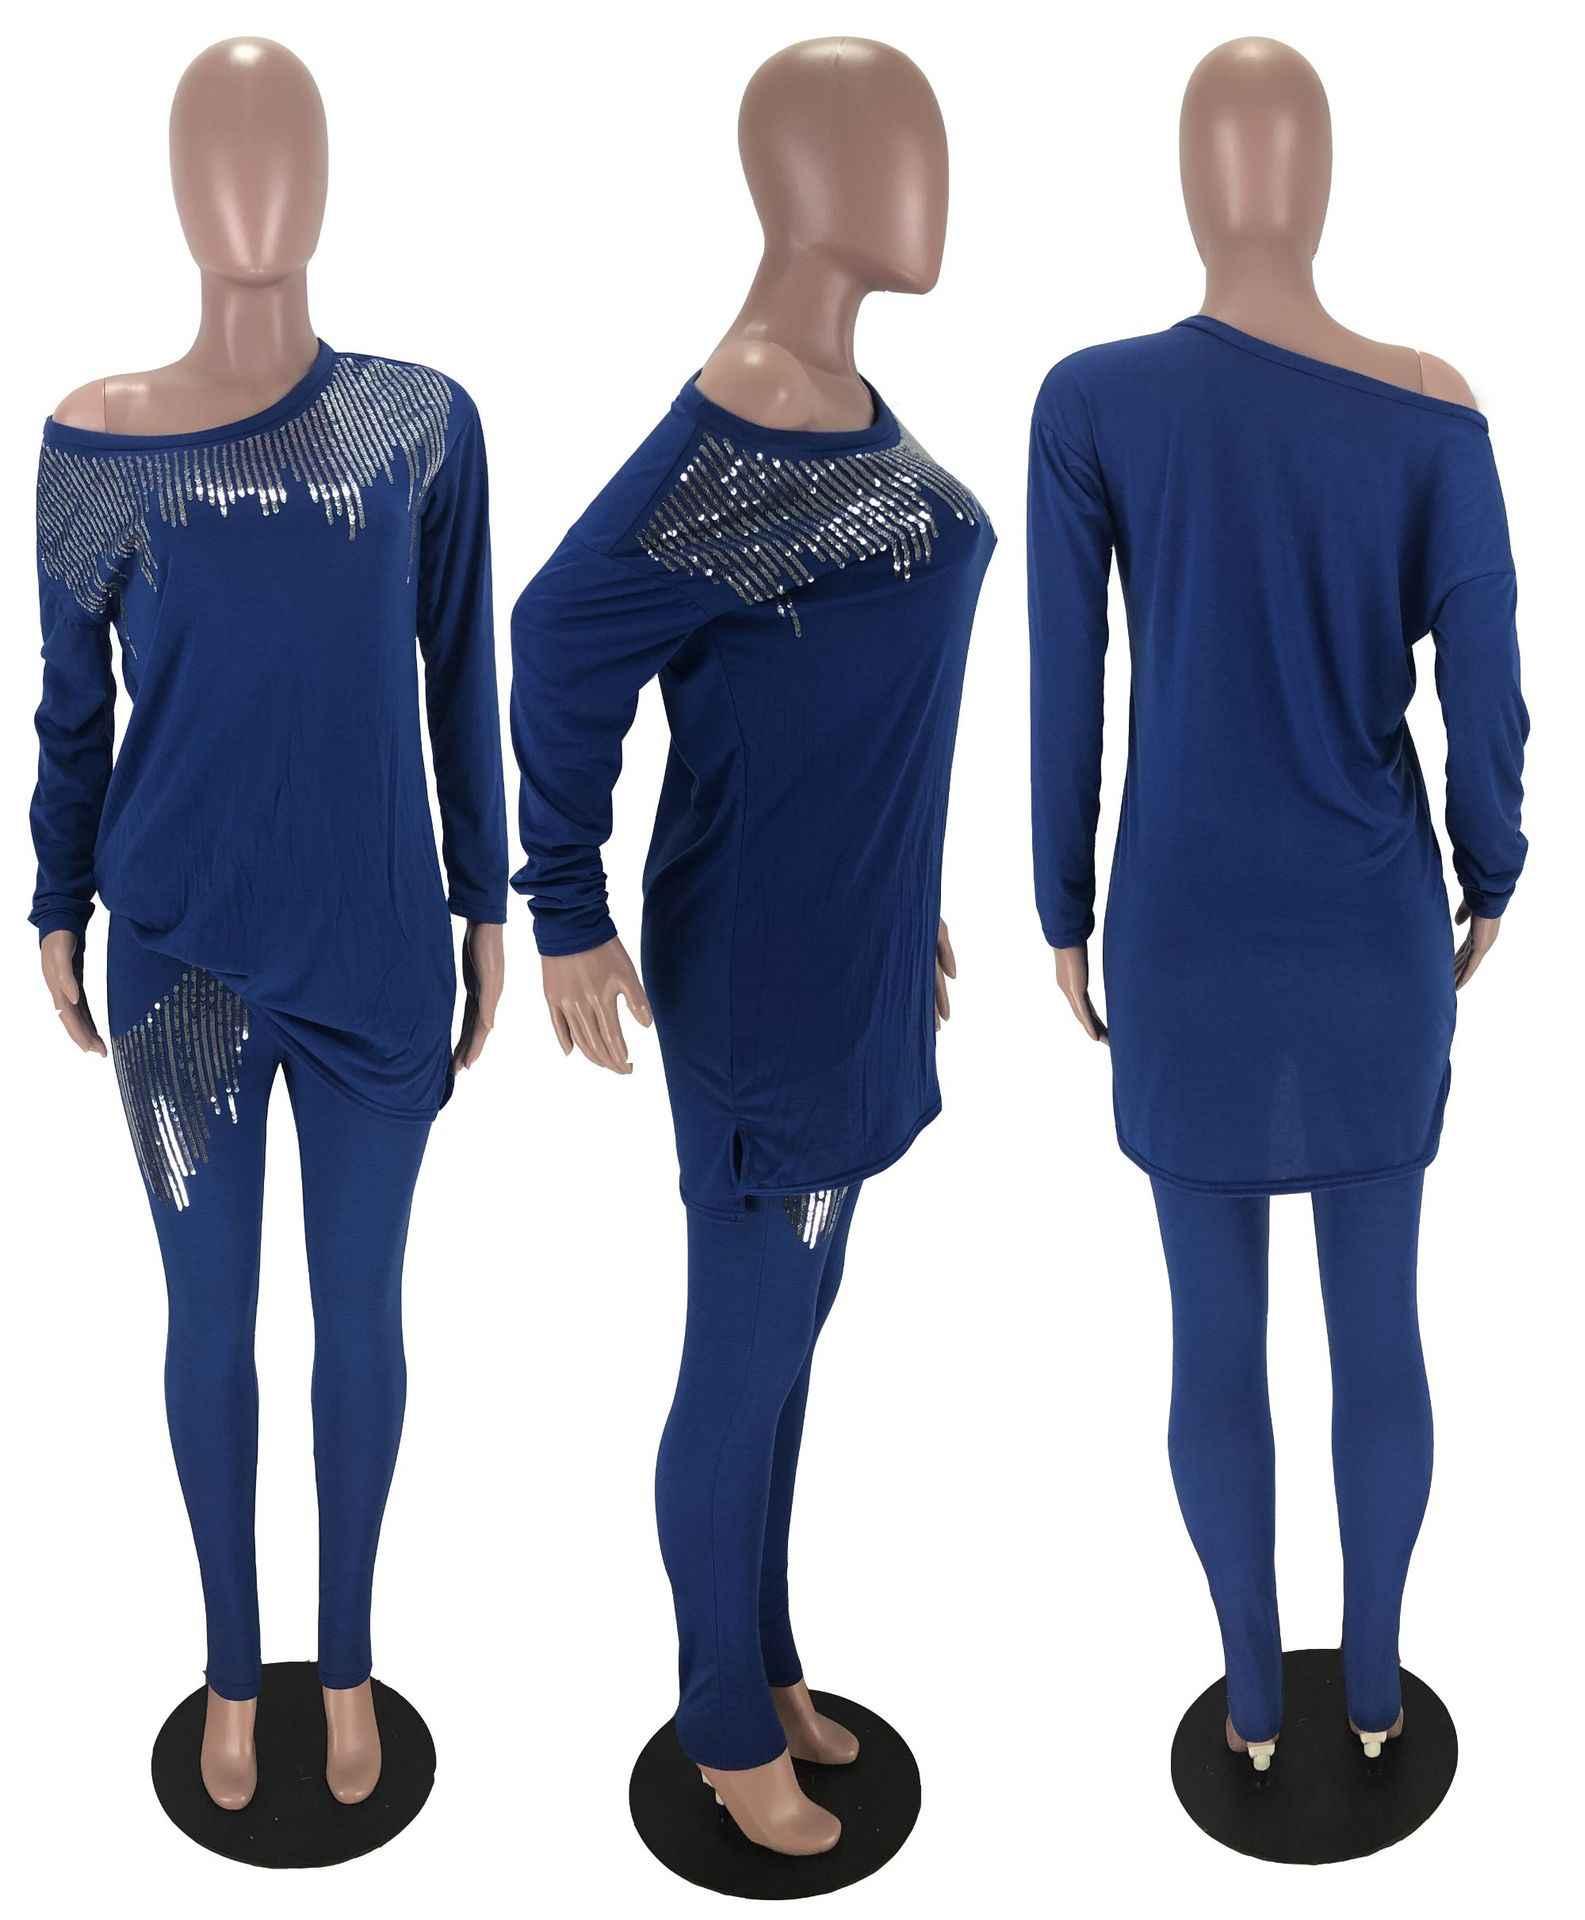 2020 דאשיקי אפריקאית מסורתית בגדי שתי חתיכה להגדיר נשים Africaine הדפסת Bodycon שמלה + מכנסיים בגדים אפריקני